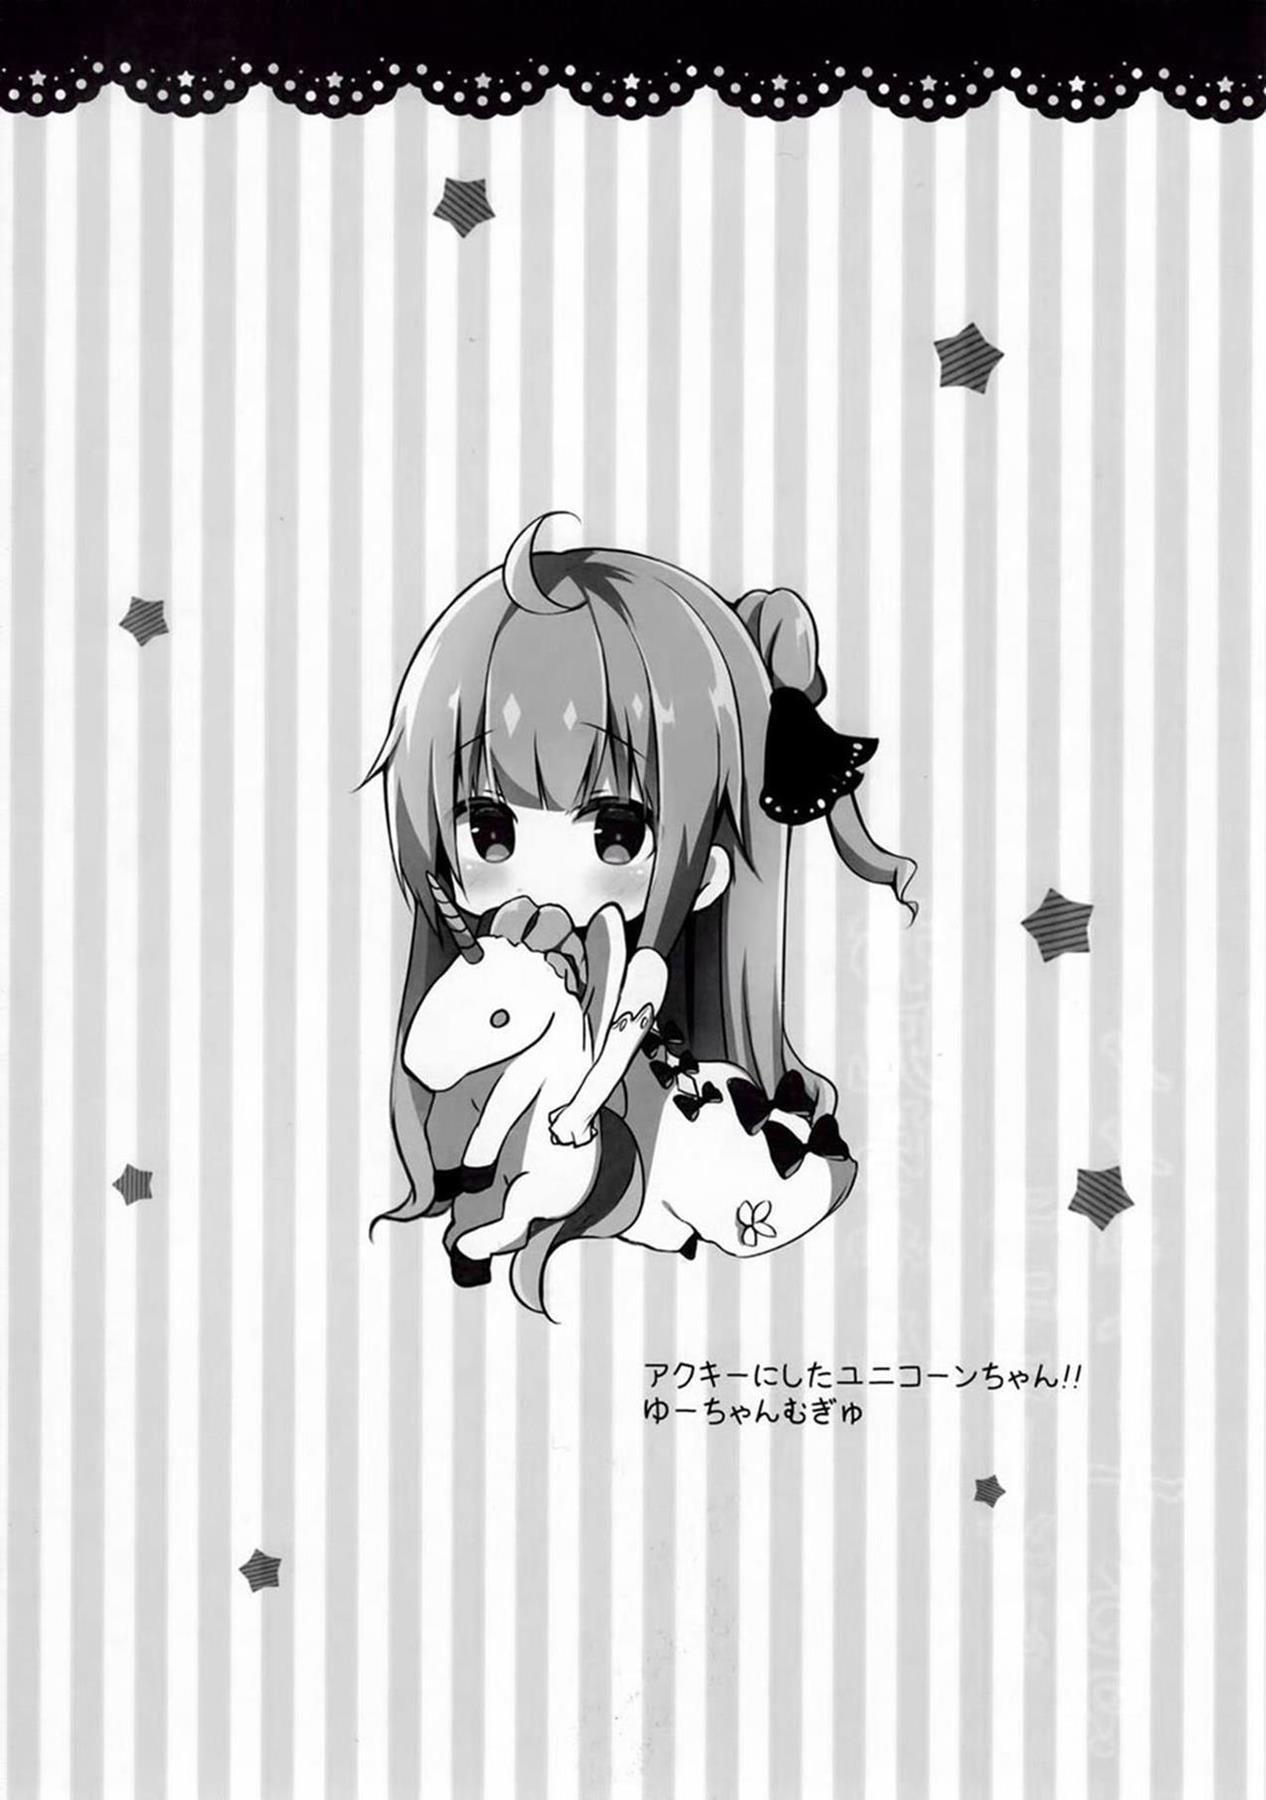 ロリ巨乳幼女のユニコーンとセックスしちゃうよんwwwwww【アズールレーン エロ漫画・エロ同人】 (15)